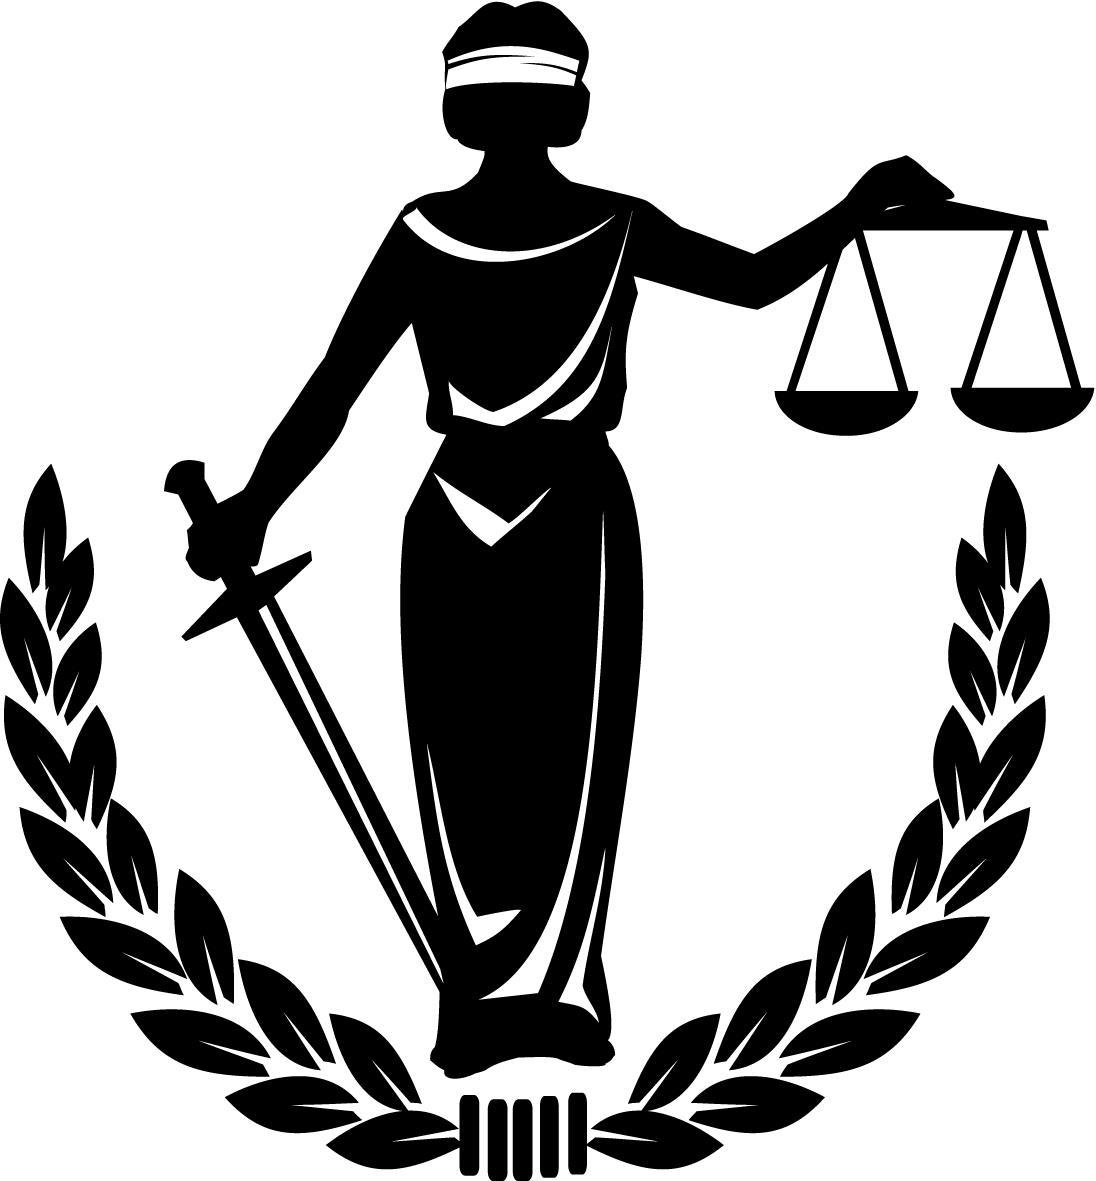 Justice_icon.jpg